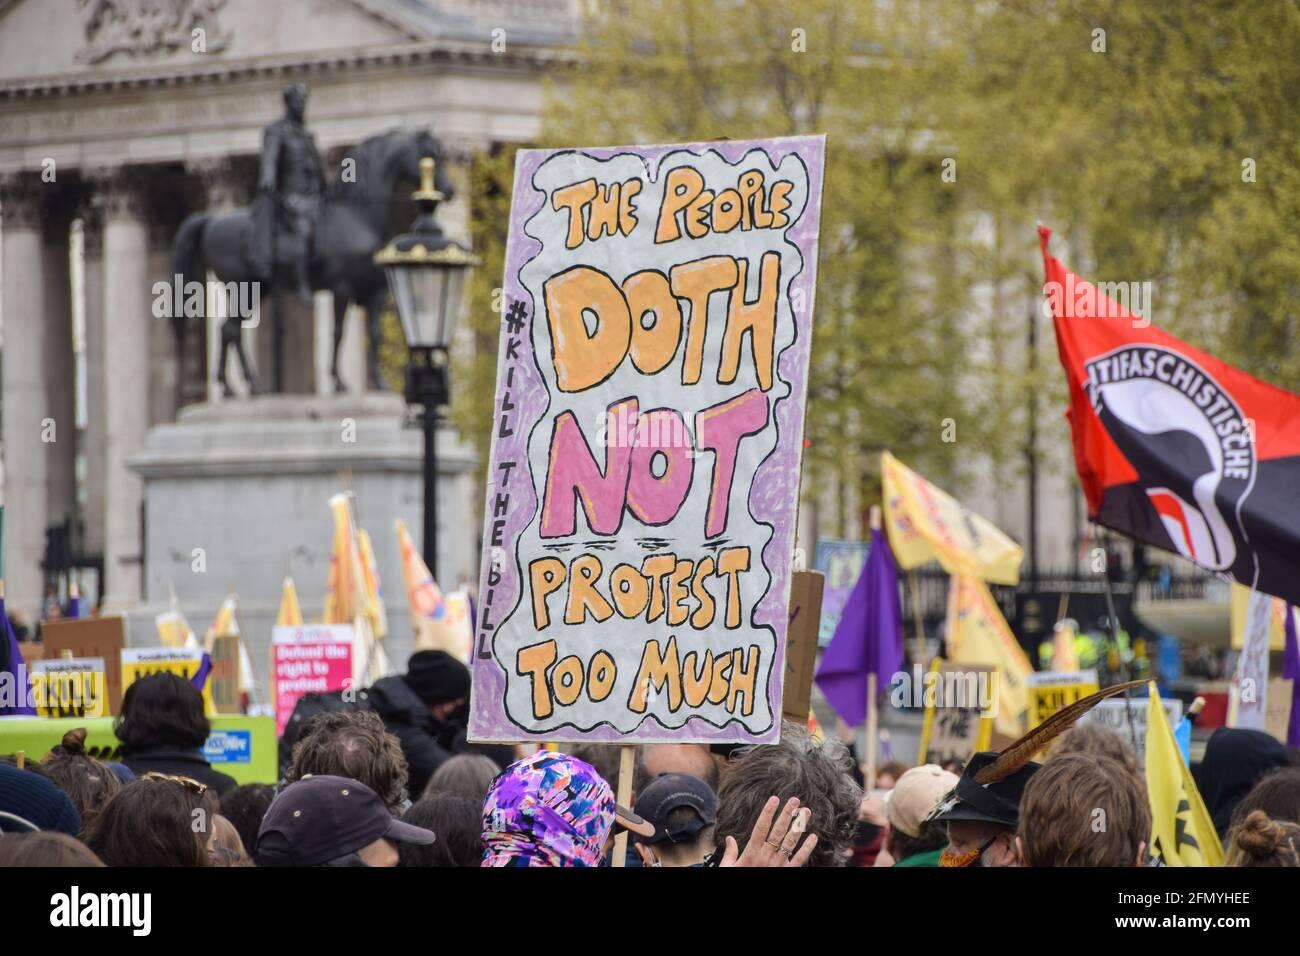 Londres, Royaume-Uni. 1er mai 2021. Tuez la manifestation Bill à Trafalgar Square. Des milliers de personnes ont défilé dans le centre de Londres pour protester contre le projet de loi sur la police, la criminalité, la peine et les tribunaux. Banque D'Images